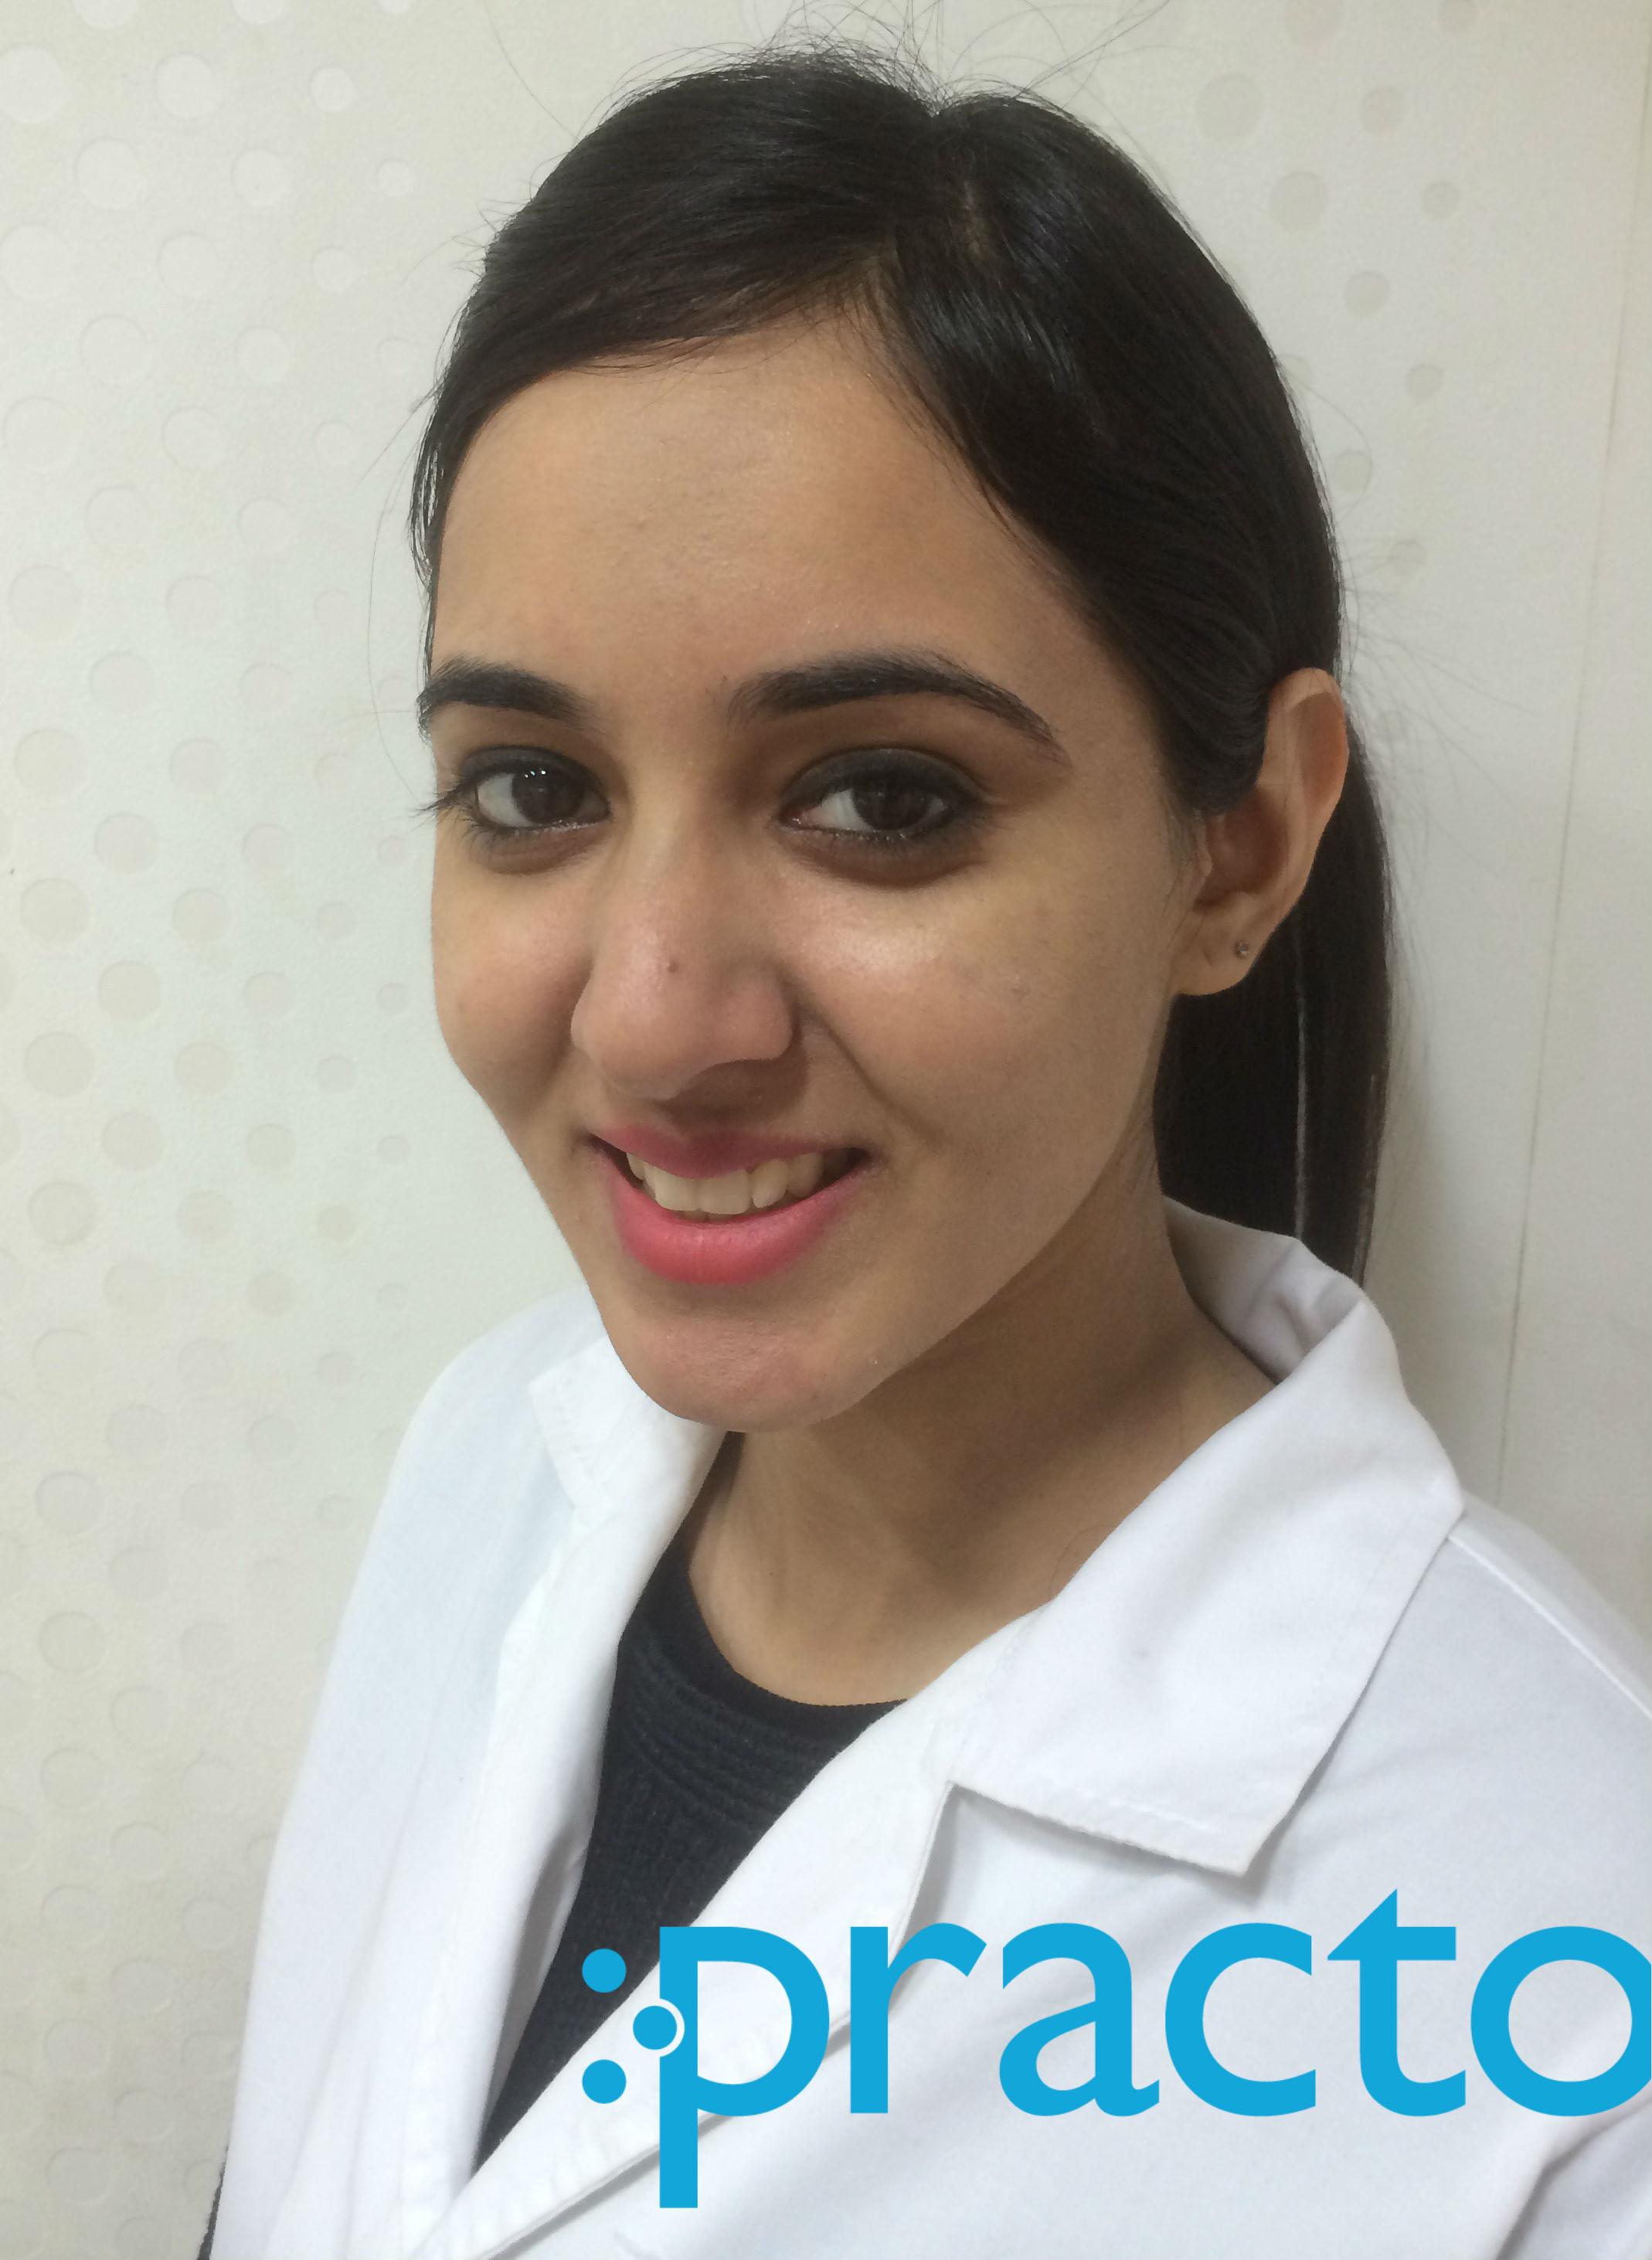 Dr. Ritasha Bhasin Kochhar - Dentist